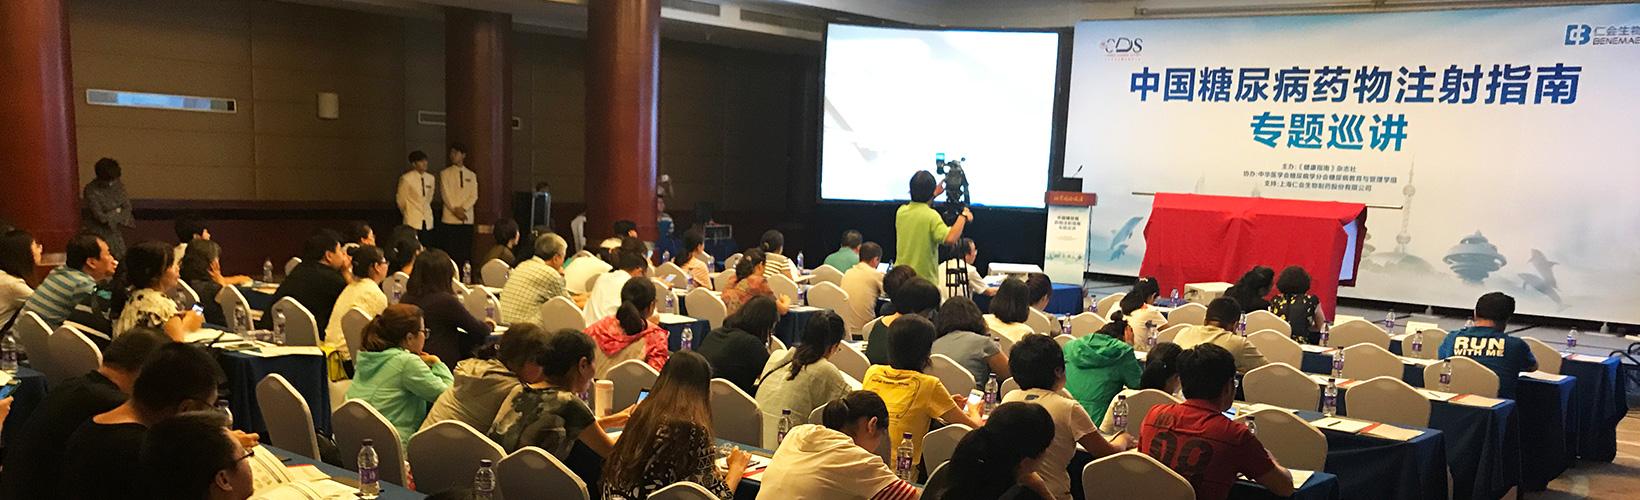 中国糖尿病药物注射指南<br/> 专题巡讲活动